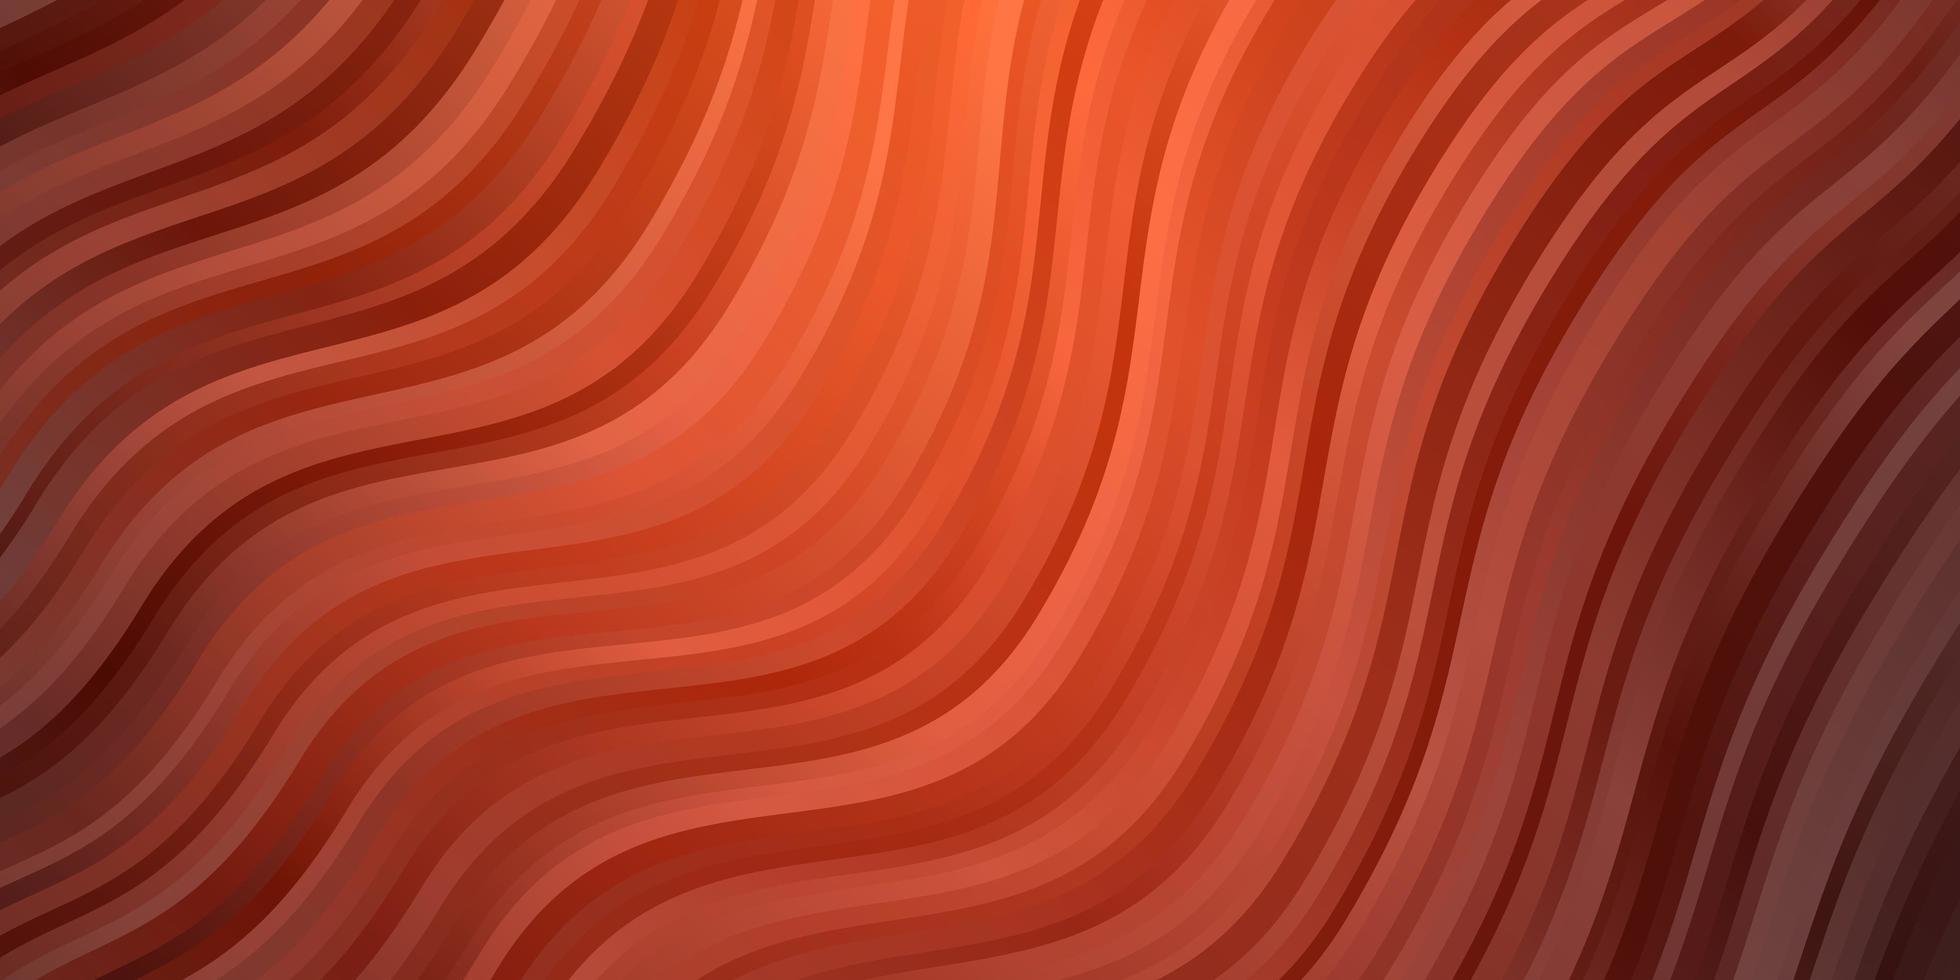 modello vettoriale rosso chiaro con linee curve.